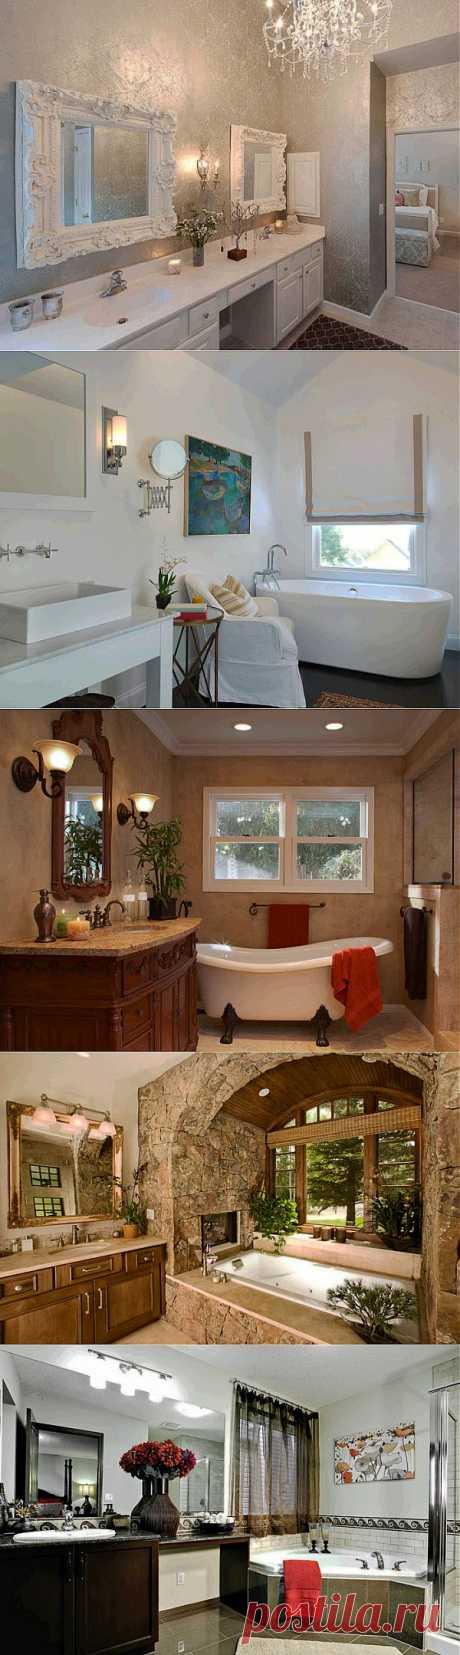 (+1) тема - Светильники для ванной комнаты | МОЙ ДОМ